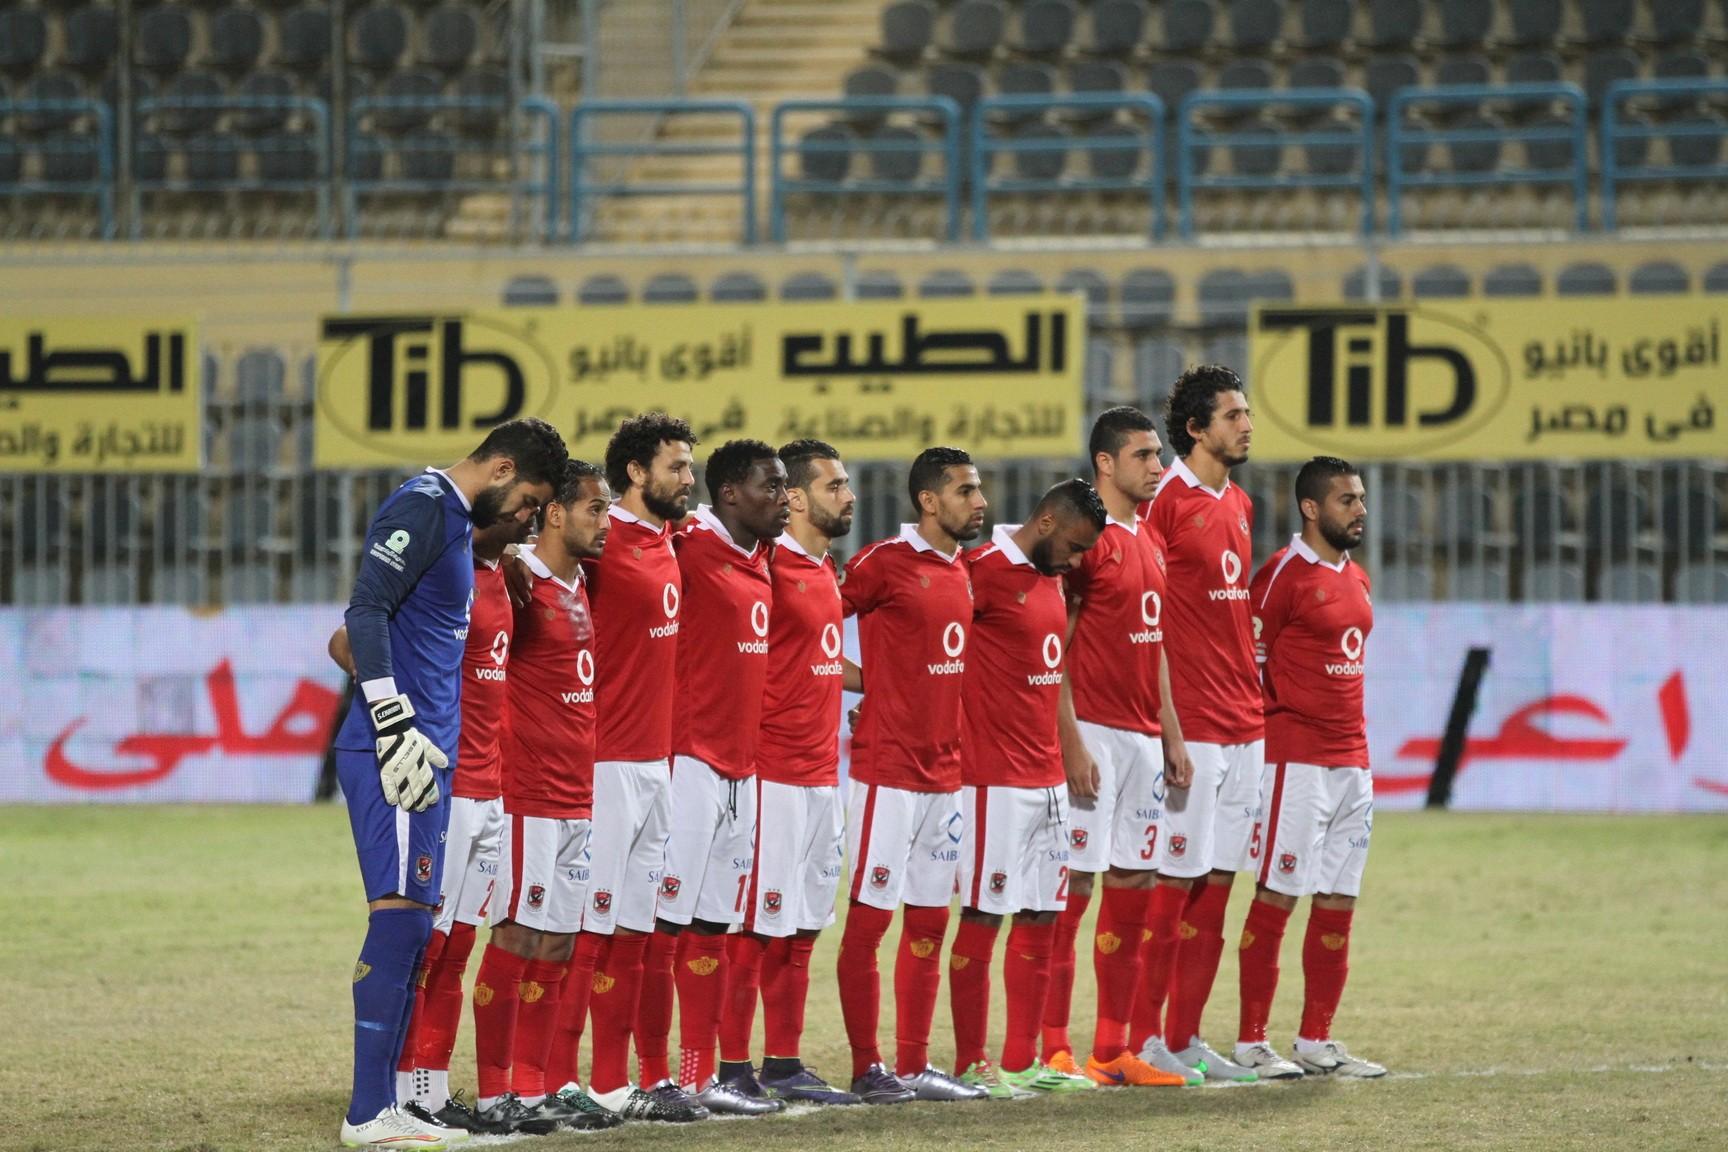 موعد مباراة الاهلى اليوم والزمالك في نهائي كأس مصر 2016